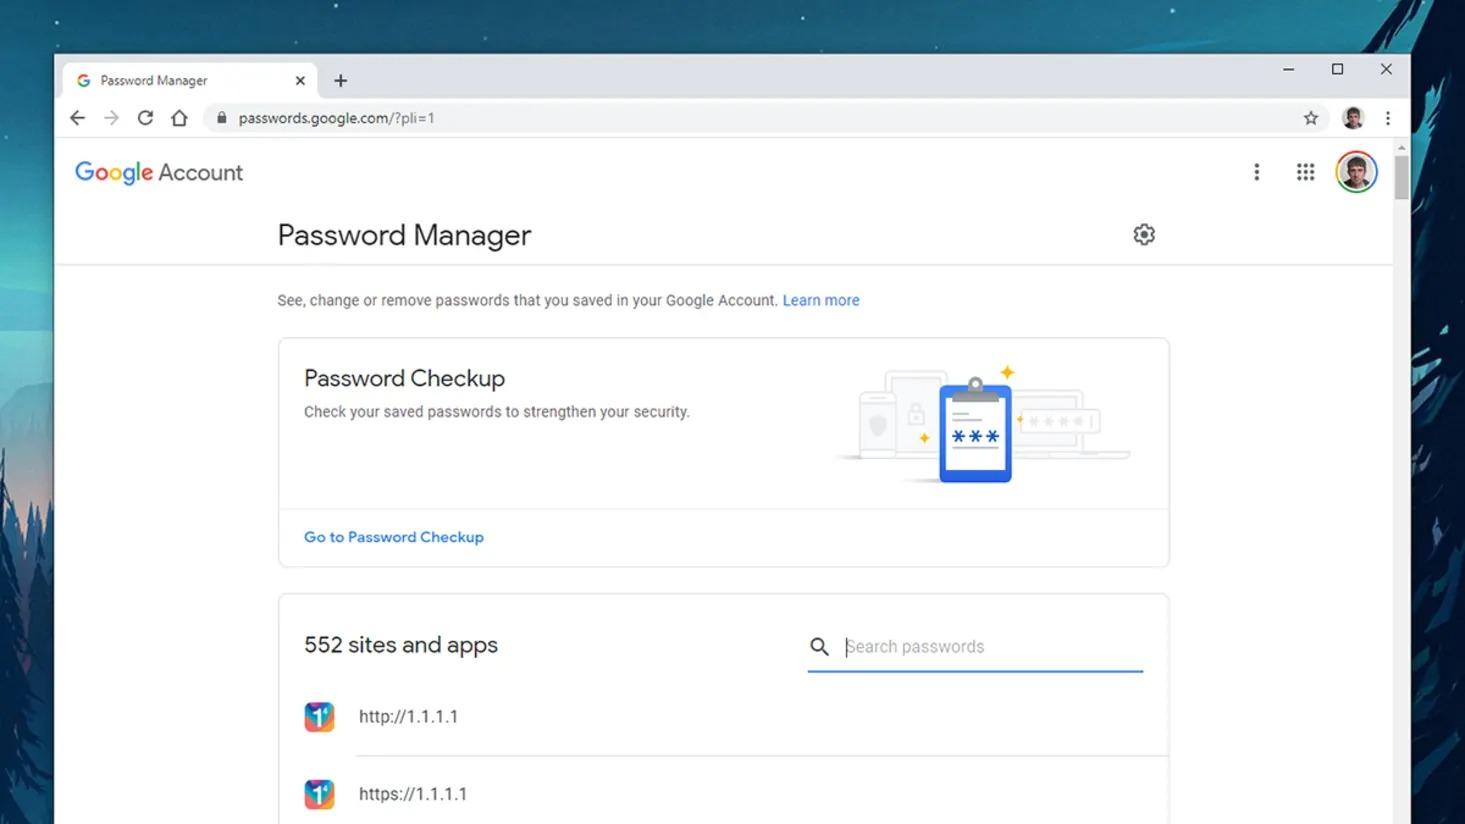 5 cách tốt nhất để lưu trữ mật khẩu một cách an toàn